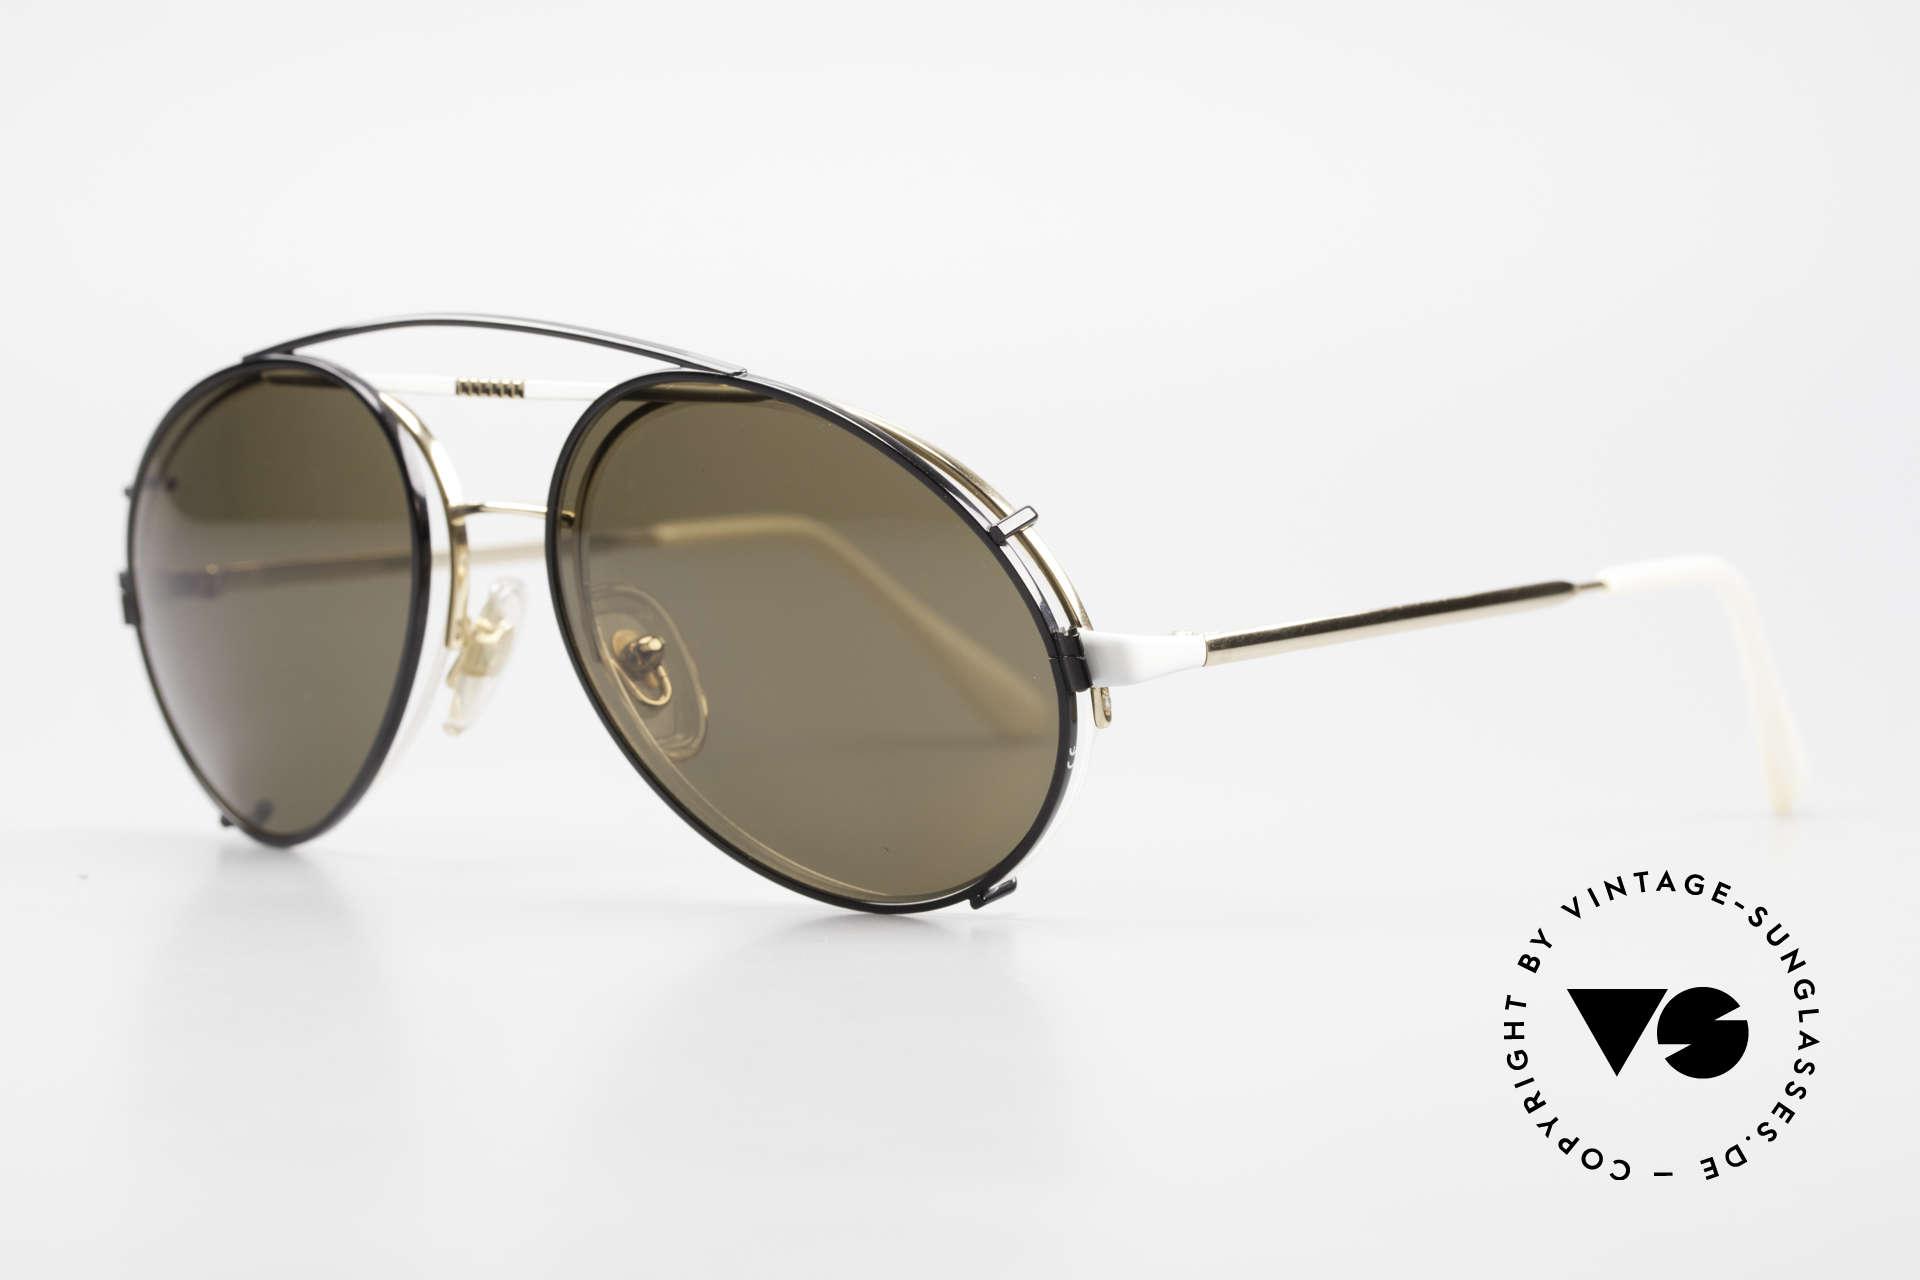 Bugatti 65787 Halb Randlose Brille Mit Clip, weiß-goldener Rahmen mit schwarzem Clip-On, Passend für Herren